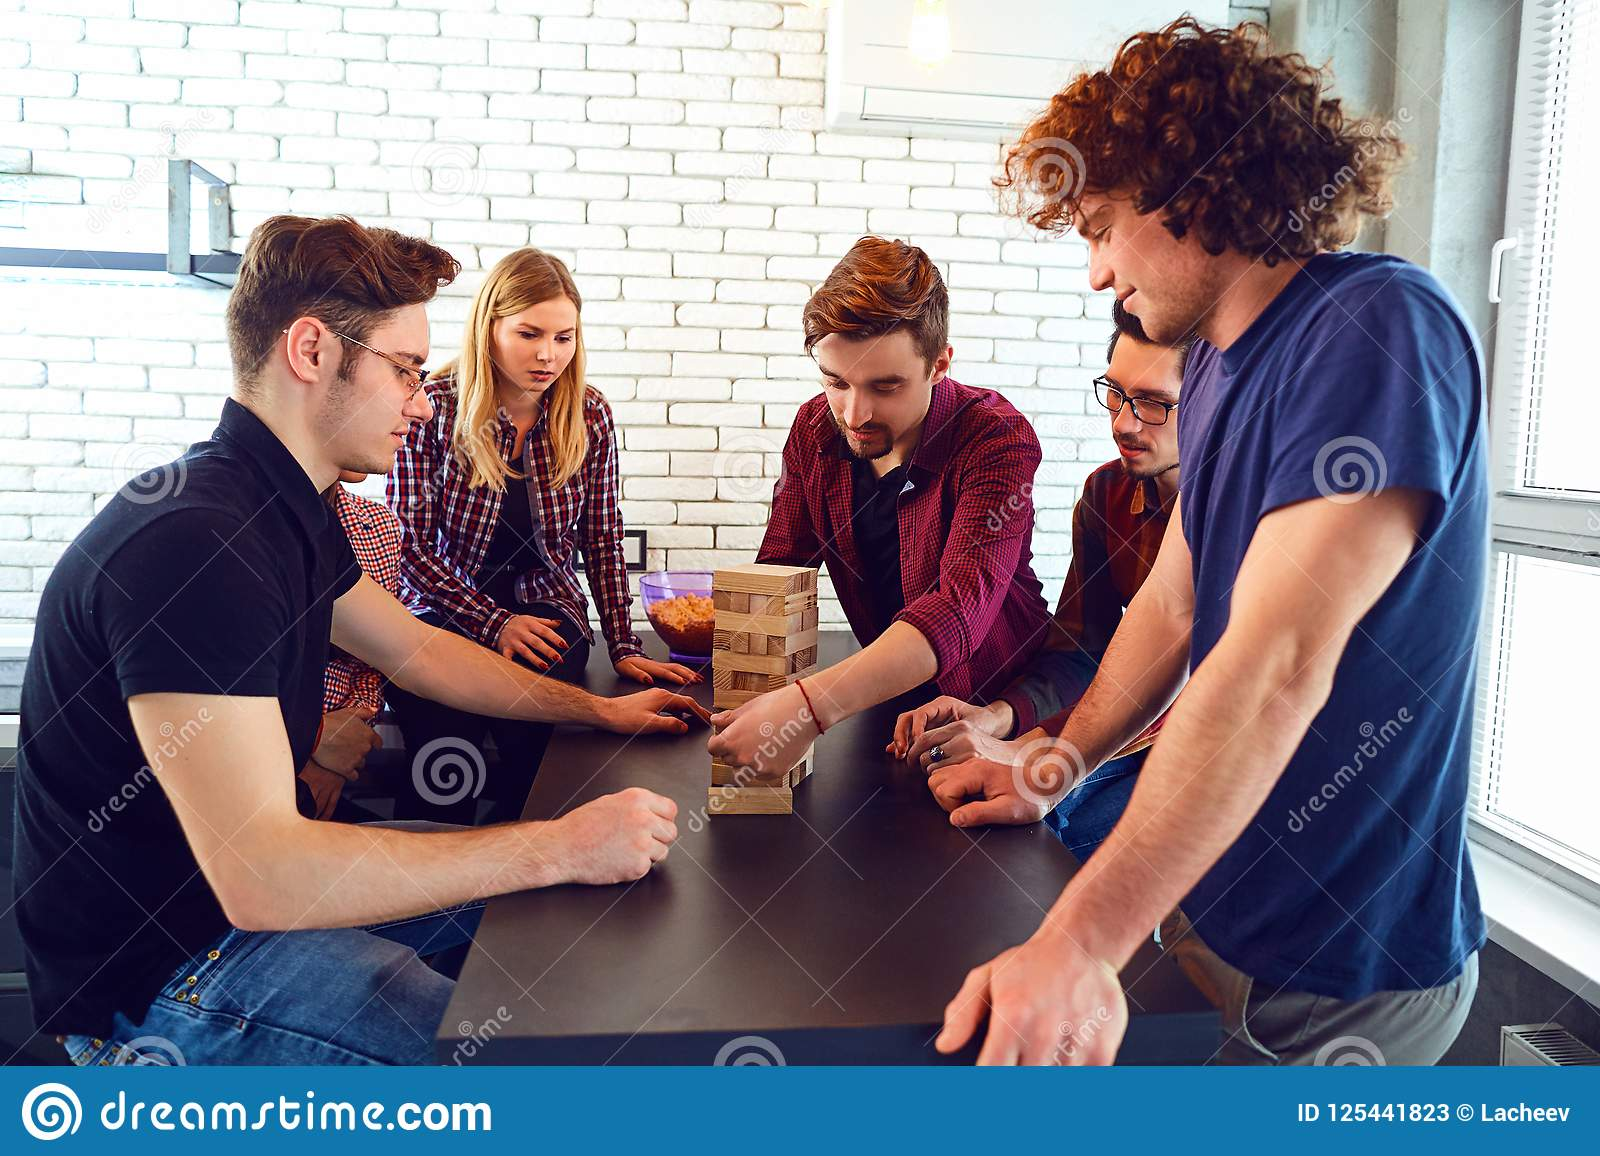 Un Grupo Alegre De Gente Joven Juega A Los Juegos De Mesa Imagen De